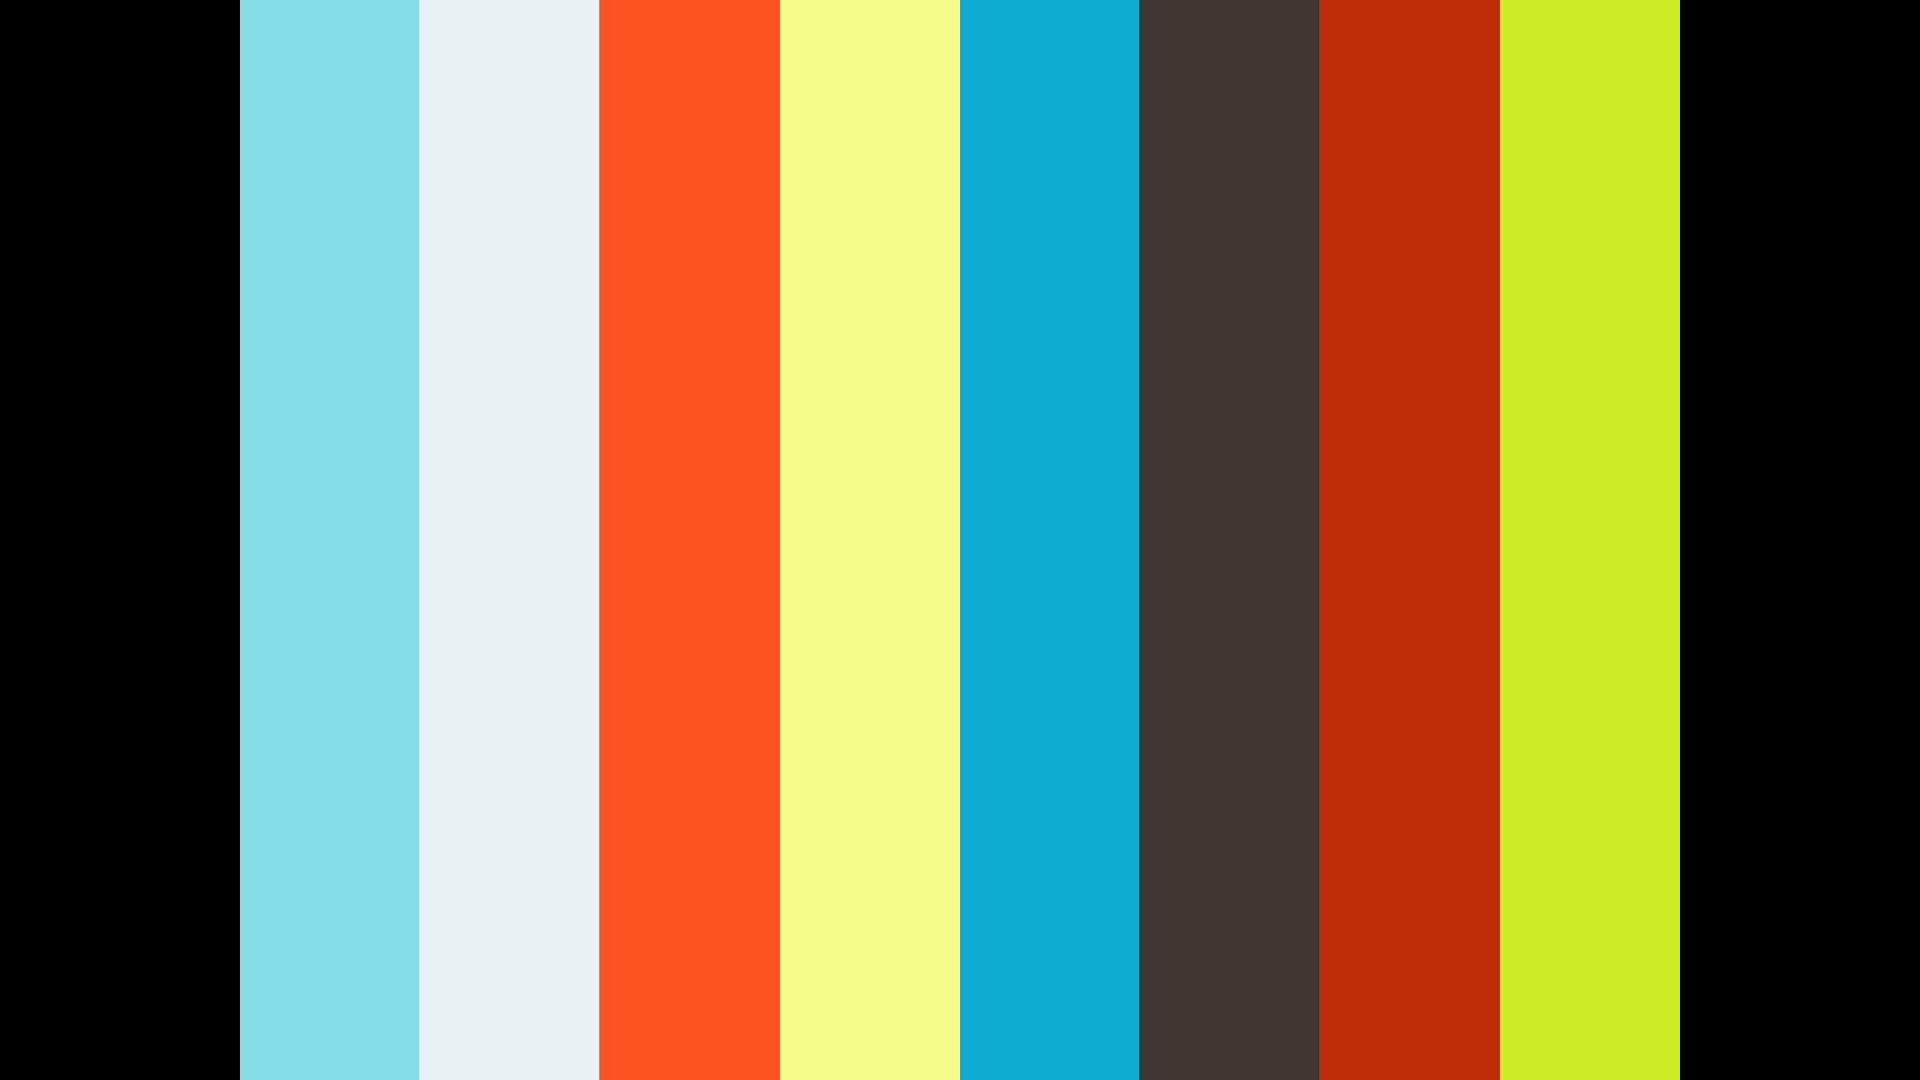 cycle de marche - Film d'animation 2D